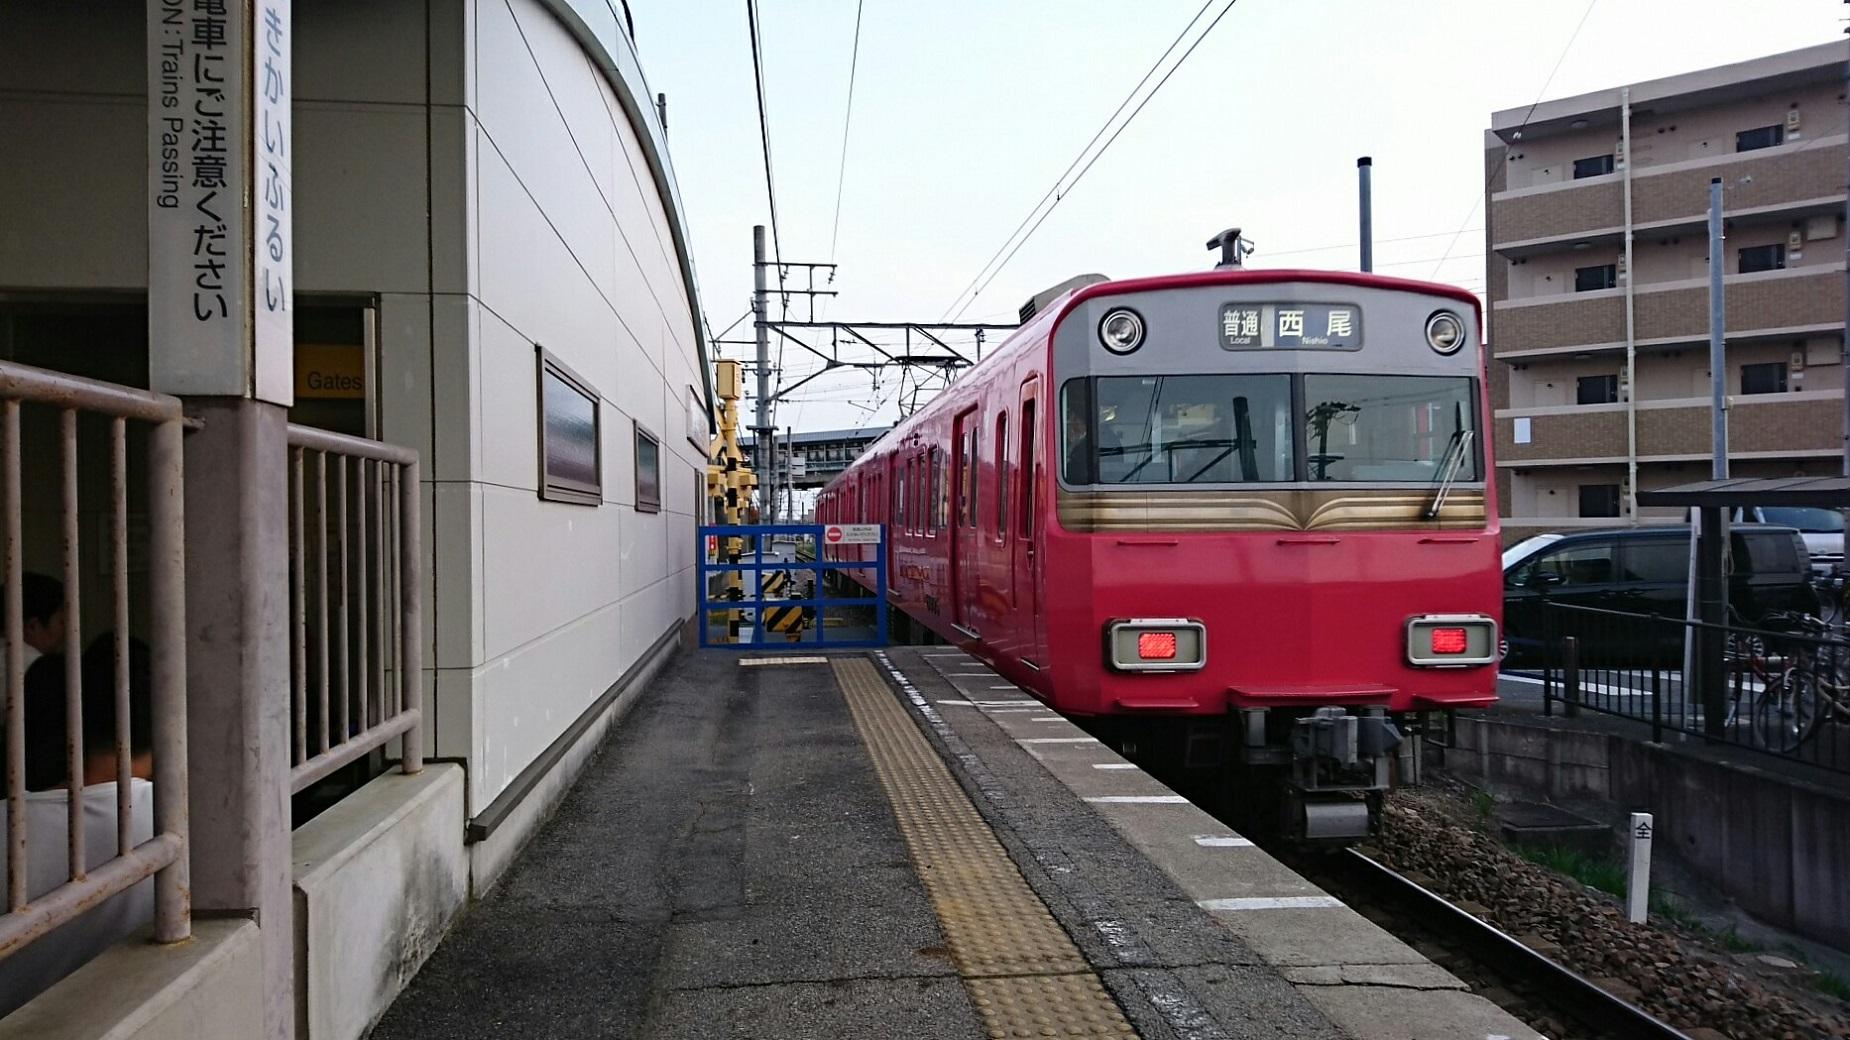 2018.4.1 東岡崎 (45) 古井 - 西尾いきふつう 1850-1040